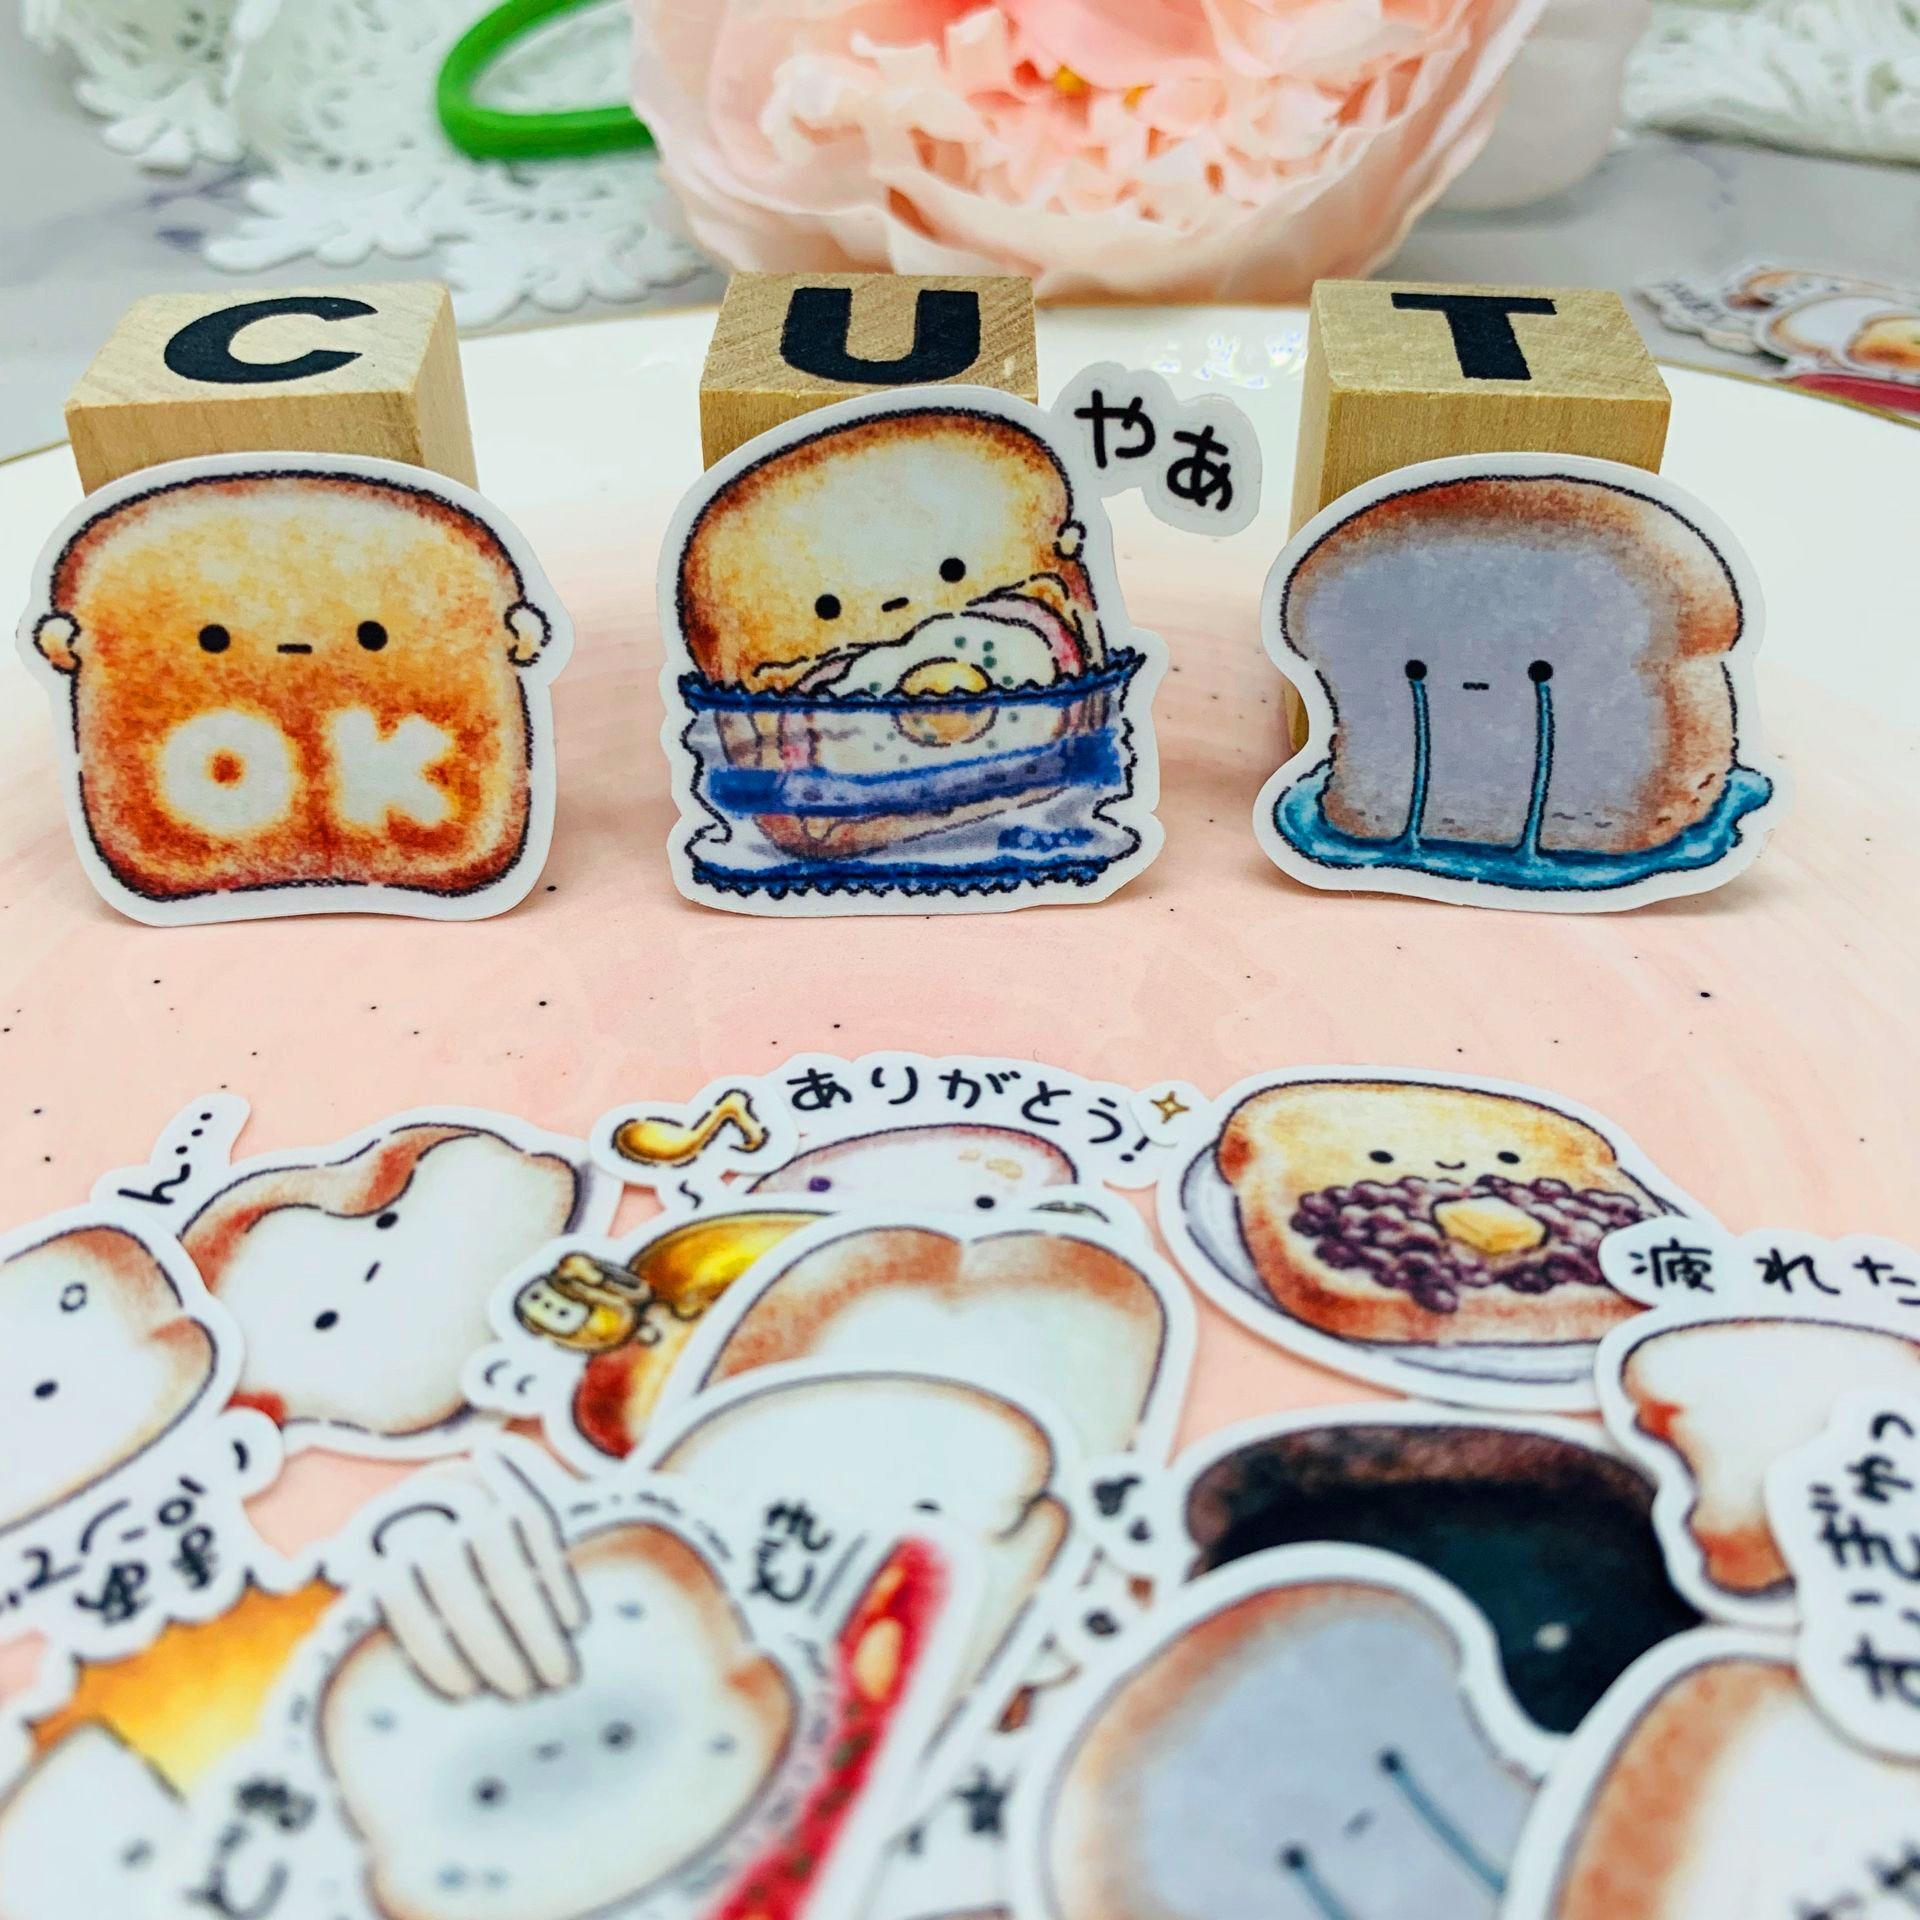 42 Uds. Cute tostar pan expression Papel Sellado pegatinas artesanías y Scrapbooking adhesivo decorativo de libro DIY papelería